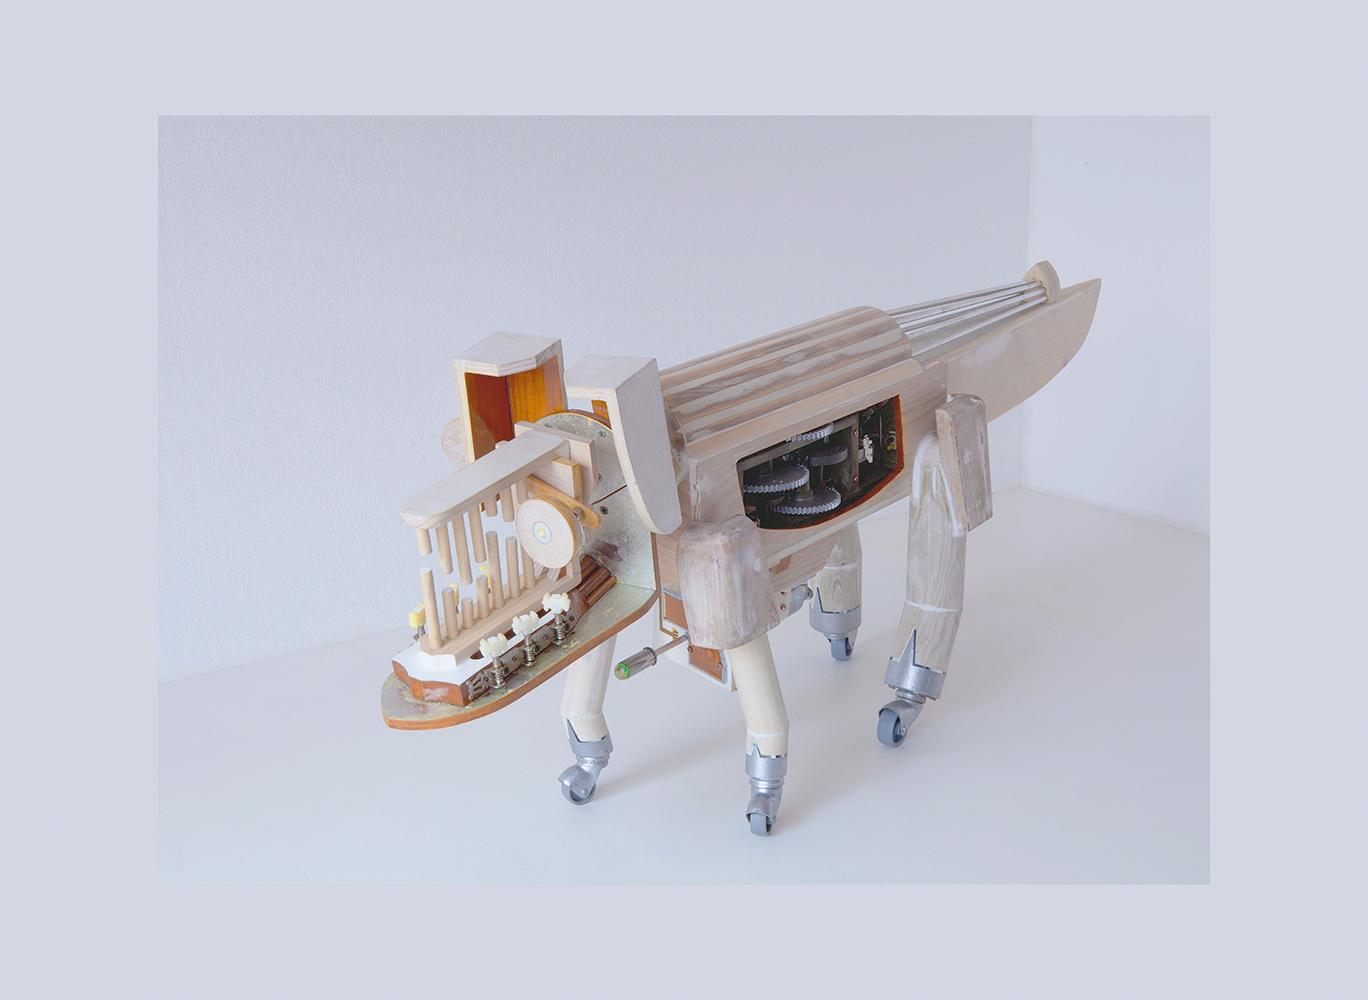 PERRODRILO A - 46x119x23 cm - Reciclaje y Ensamblado - Serie Animalario - Proyecto S.O.S.tenible - 2013 - Gata de Gorgos.